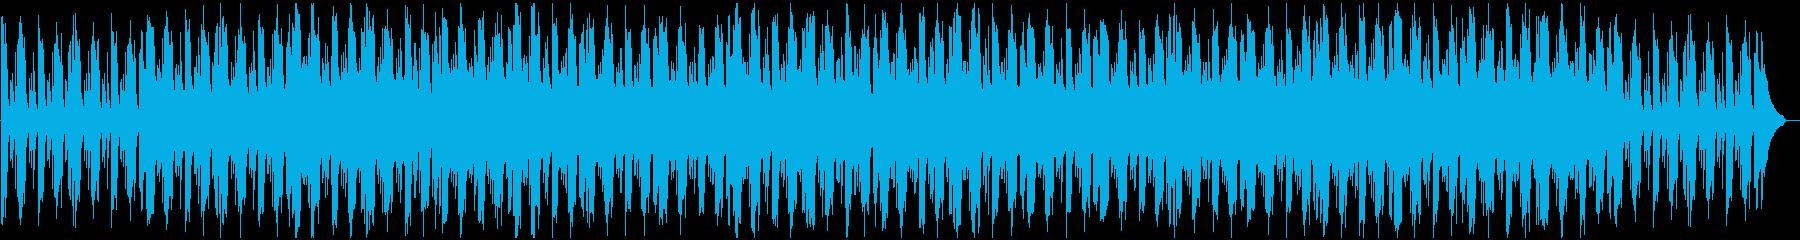 ダイナミックで少し怖い雰囲気のロックの再生済みの波形